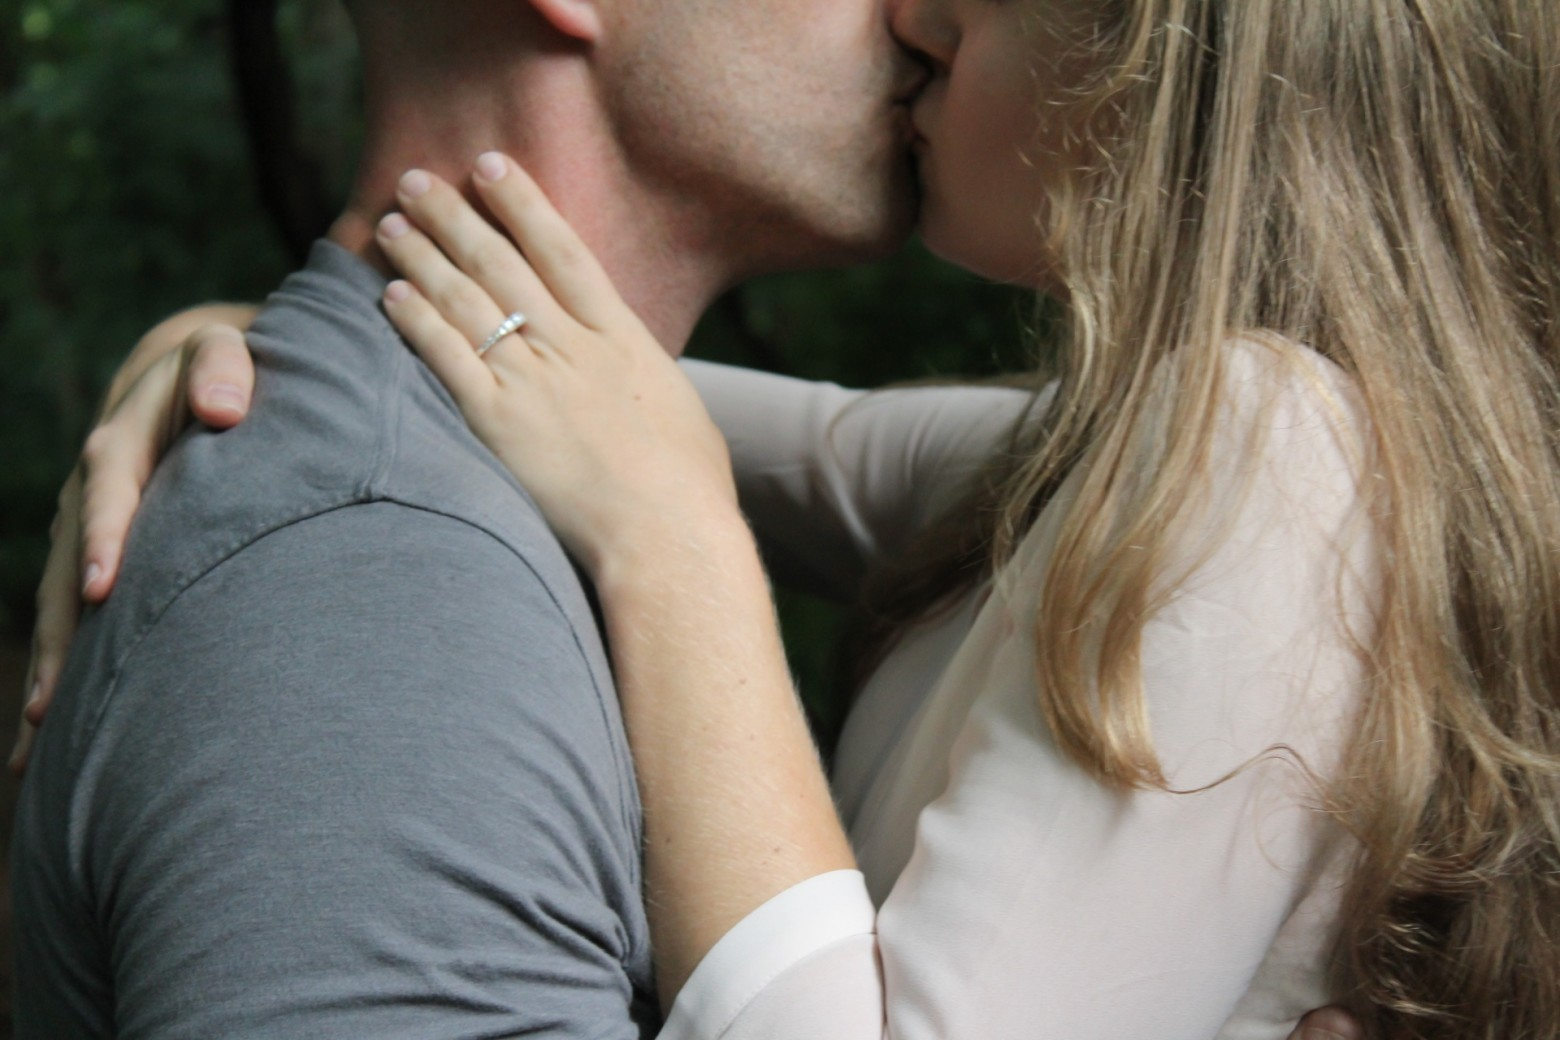 Image D Amoureux Qui S Embrasse couple amoureux qui s' embrasse photos gratuites | images gratuites